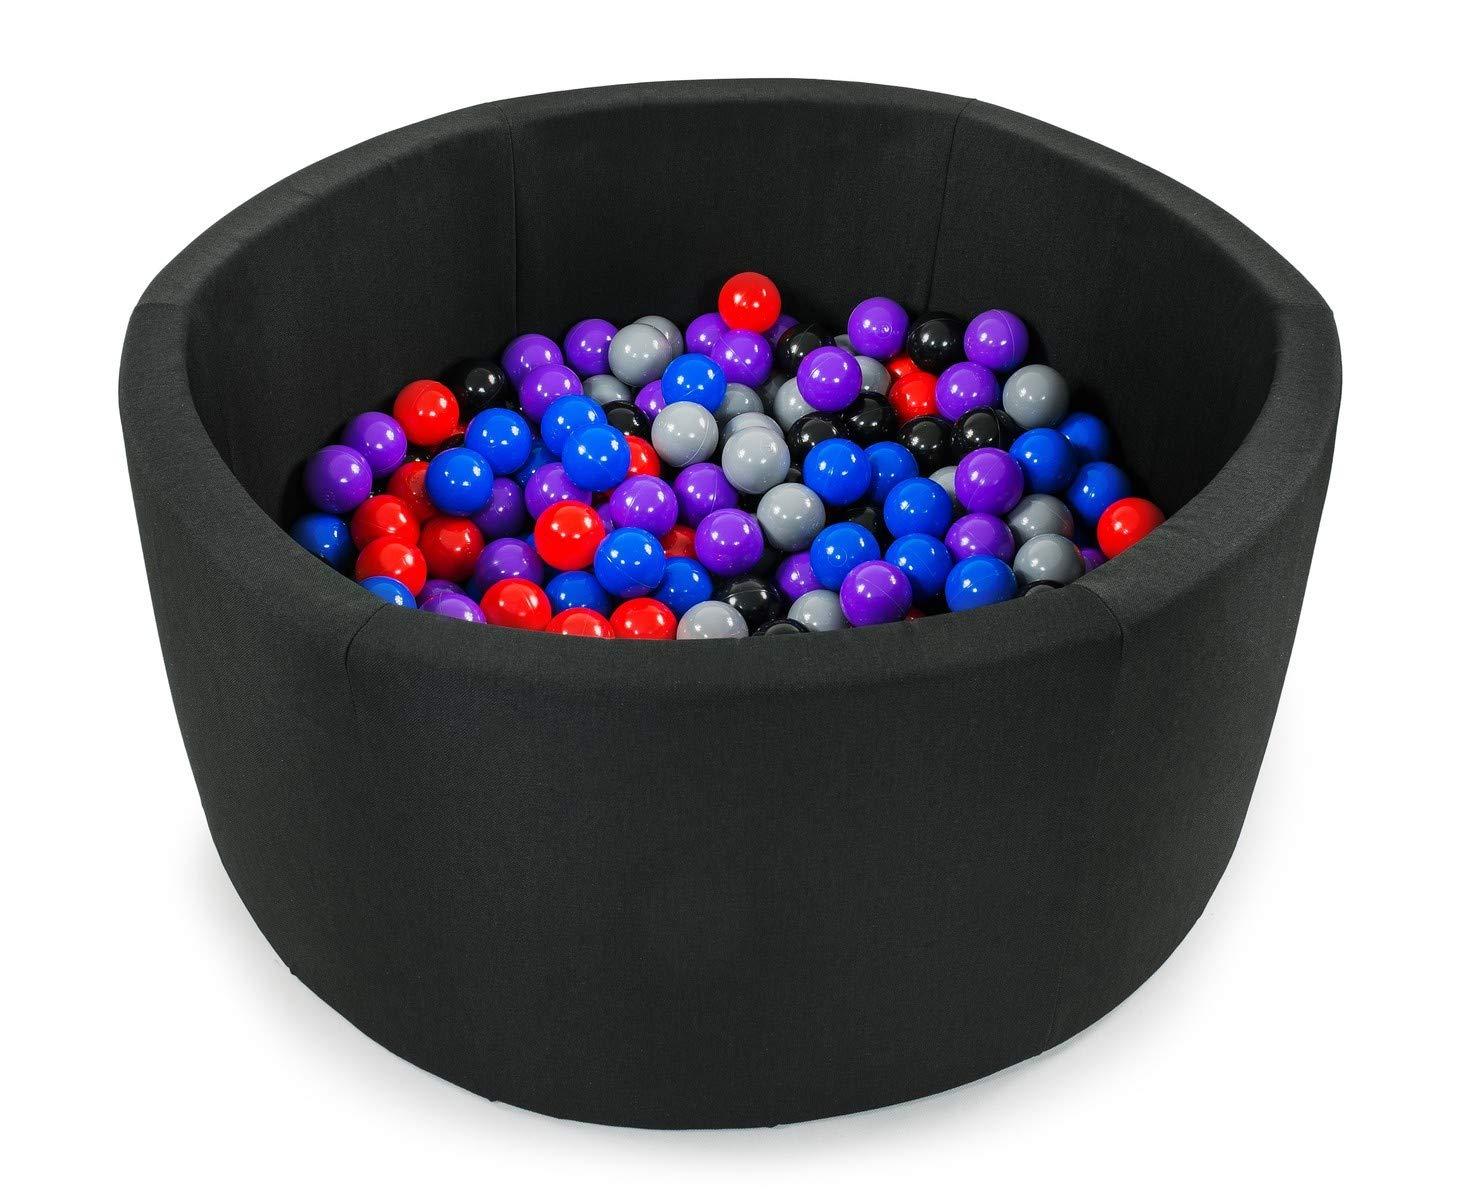 BKOZ1 Tweepsy B/éb/é Piscine A Balles pour Enfants Bambin 250 Balles 90x40cm Rond Fabriqu/é en EU